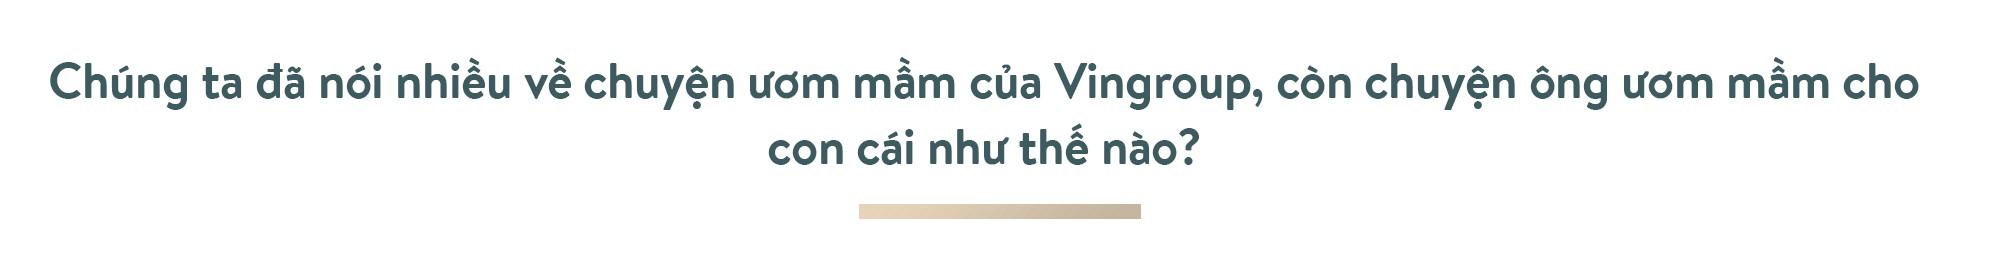 Ông Phạm Nhật Vượng: Thế giới phải biết Việt Nam trí tuệ, đẳng cấp - Ảnh 32.